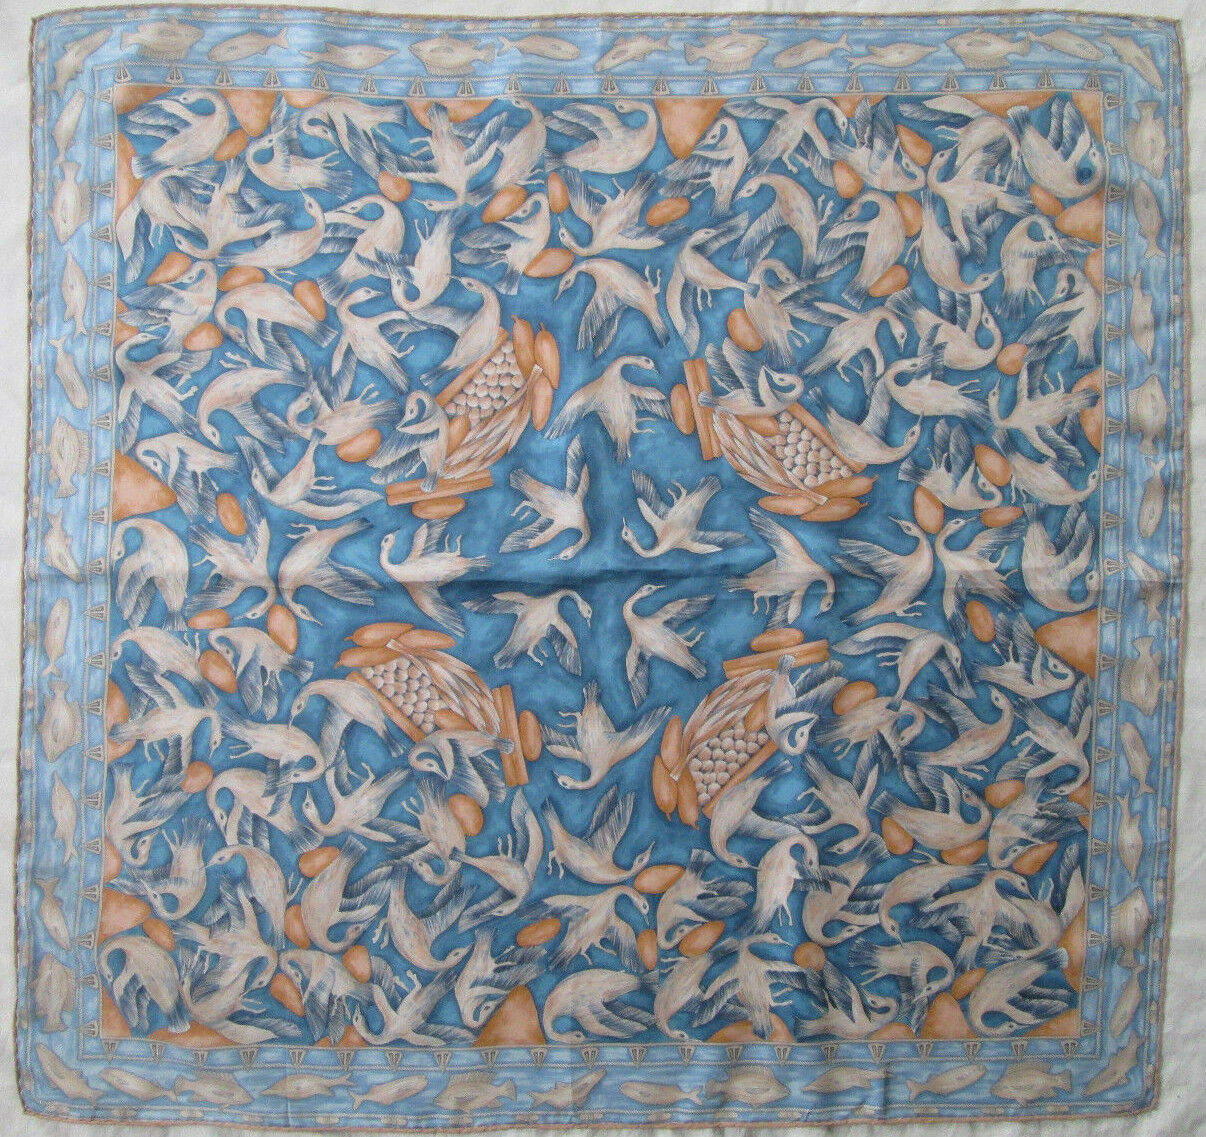 - superb scarf réunion des musées nationaux silk vintage tbeg 86 x 88 cm